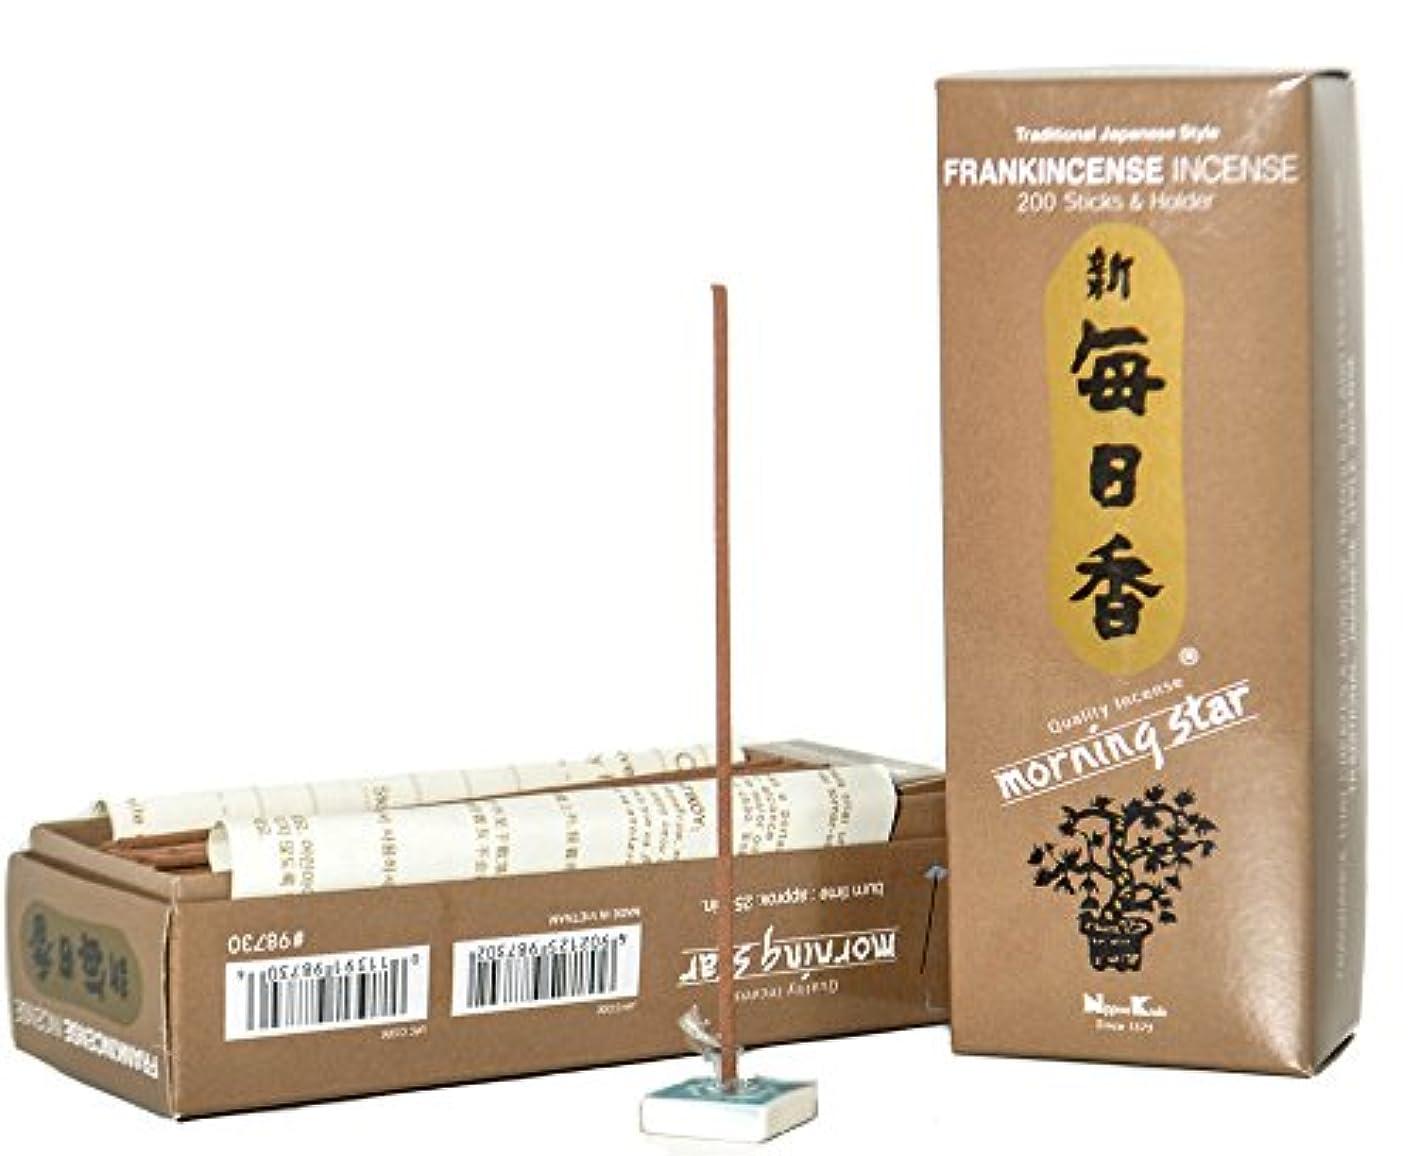 信じられない装置宇宙飛行士Morning Star Japanese Incense Sticks 200 Sticks &ホルダー ブラウン